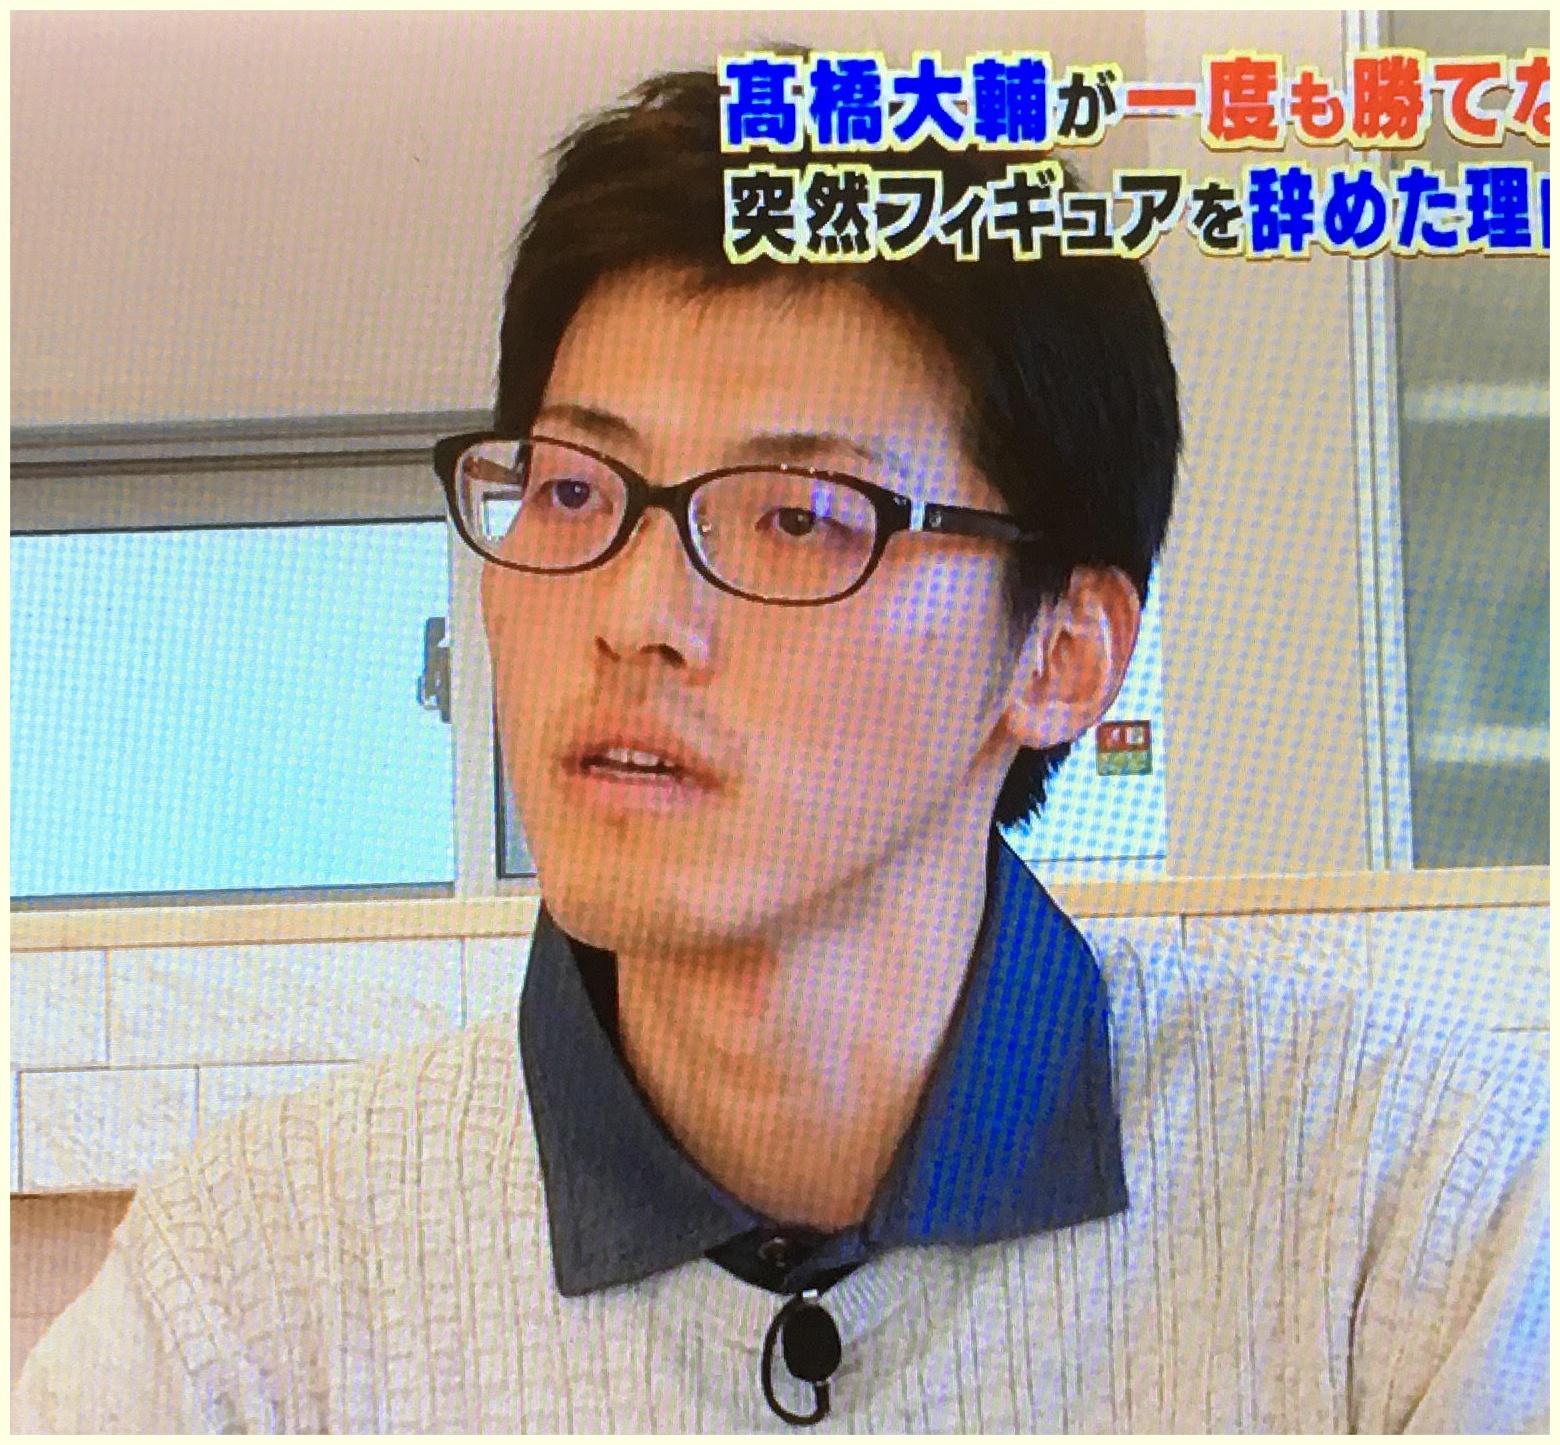 Yamaoka_daisuke02_pic